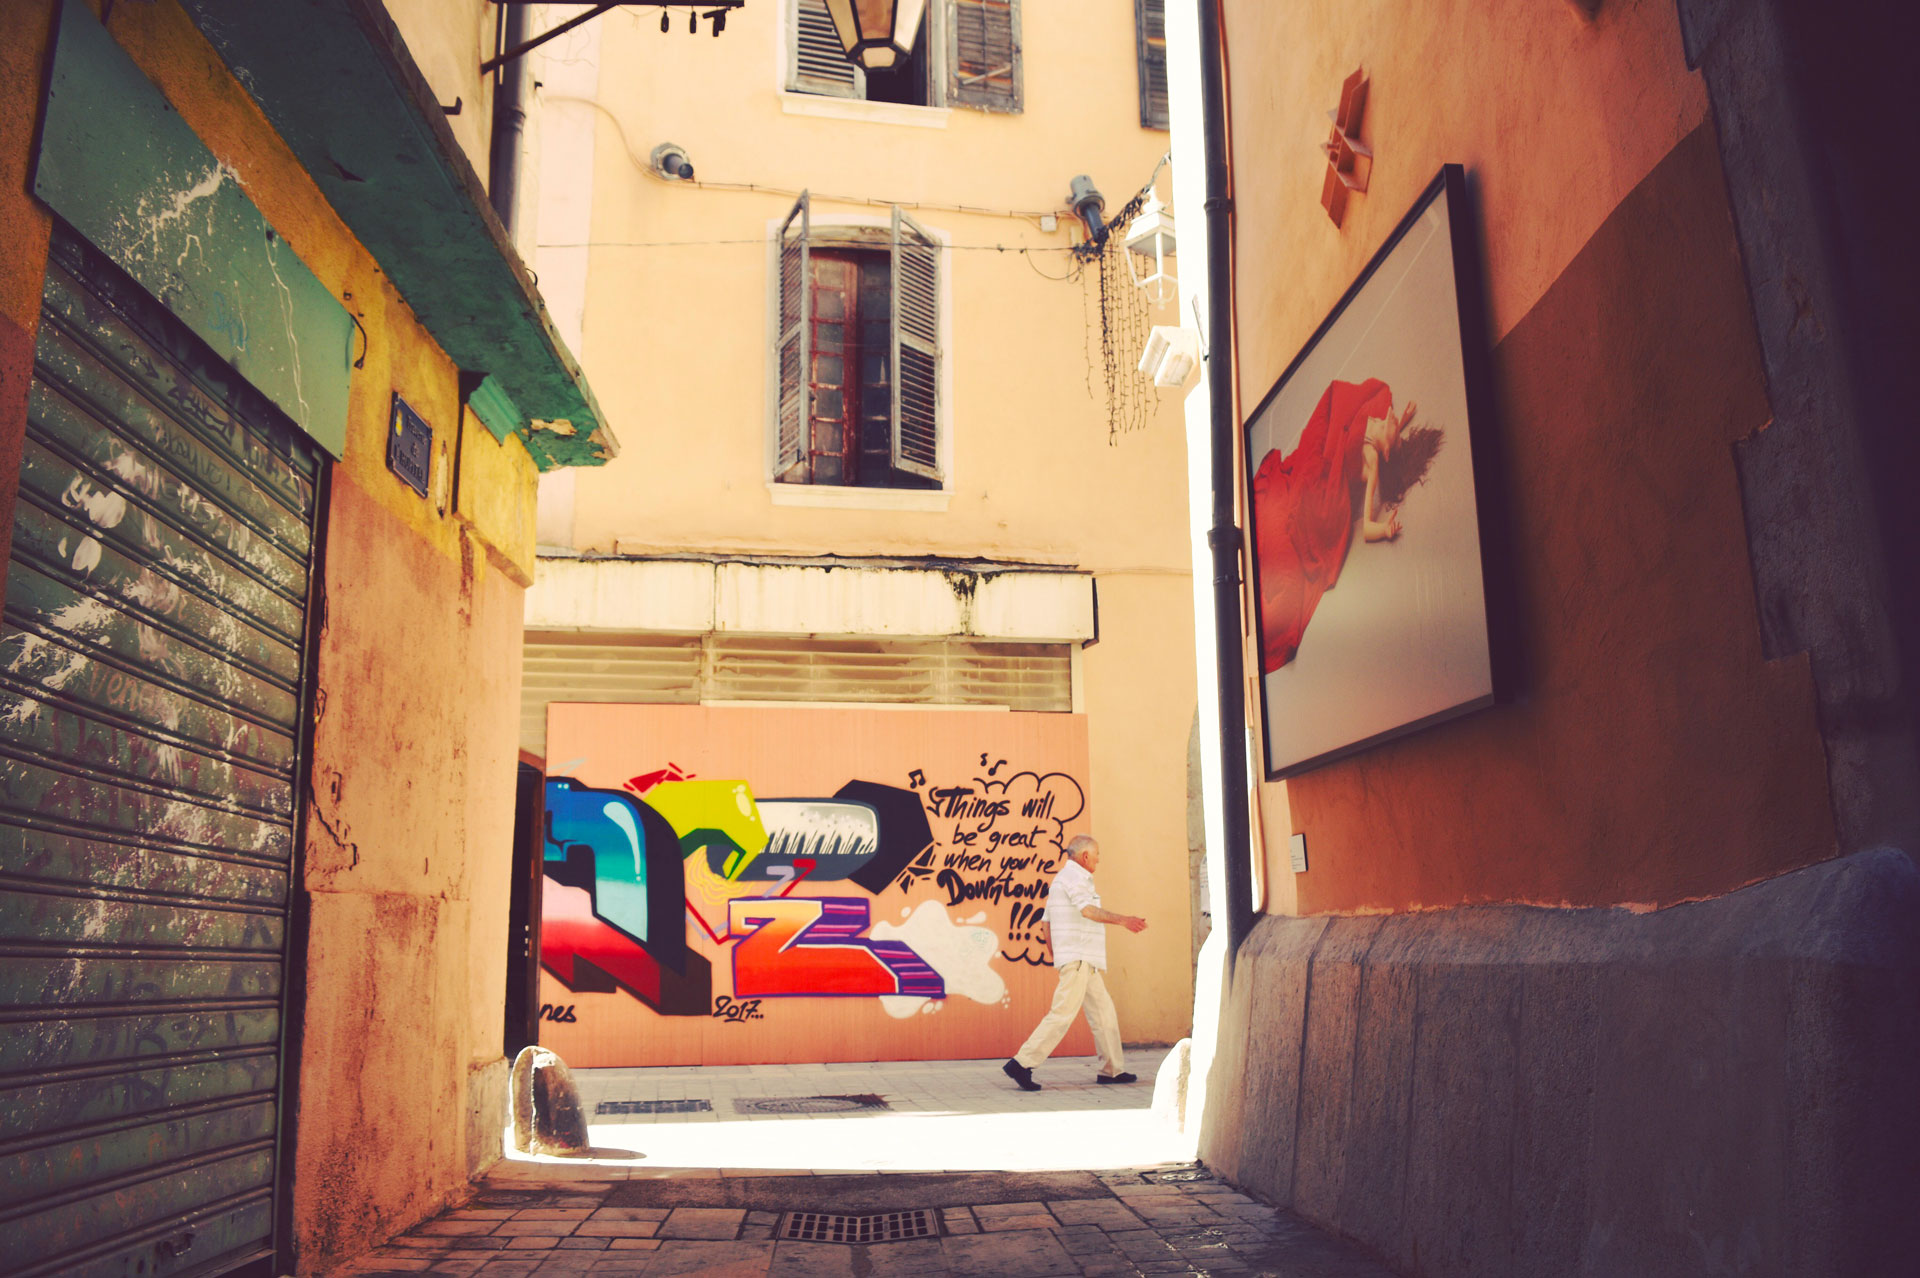 Le centre historique de Toulon se transforme, découvrez la Rue des Arts